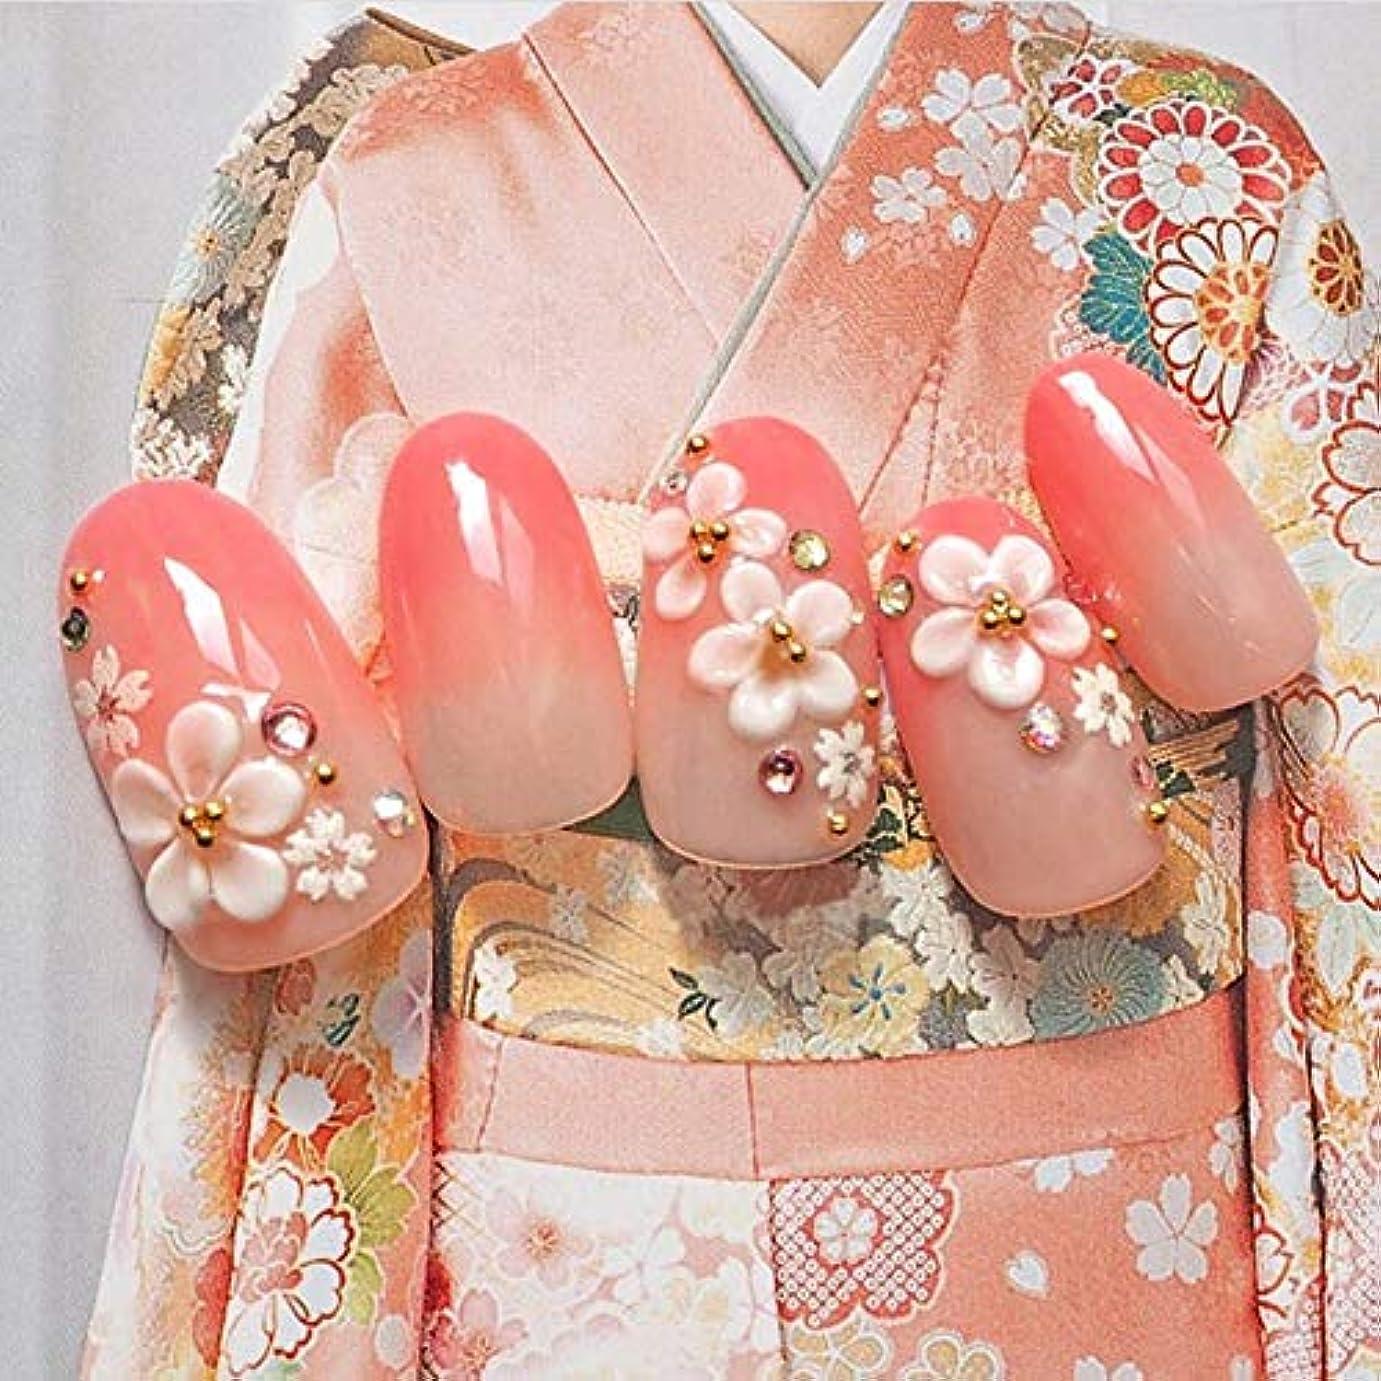 流用する続ける廃止するXUTXZKA ファッションのために装飾された24pcsファッションロングフェイクネイルのヒントオーバルピンクグラデーションの花